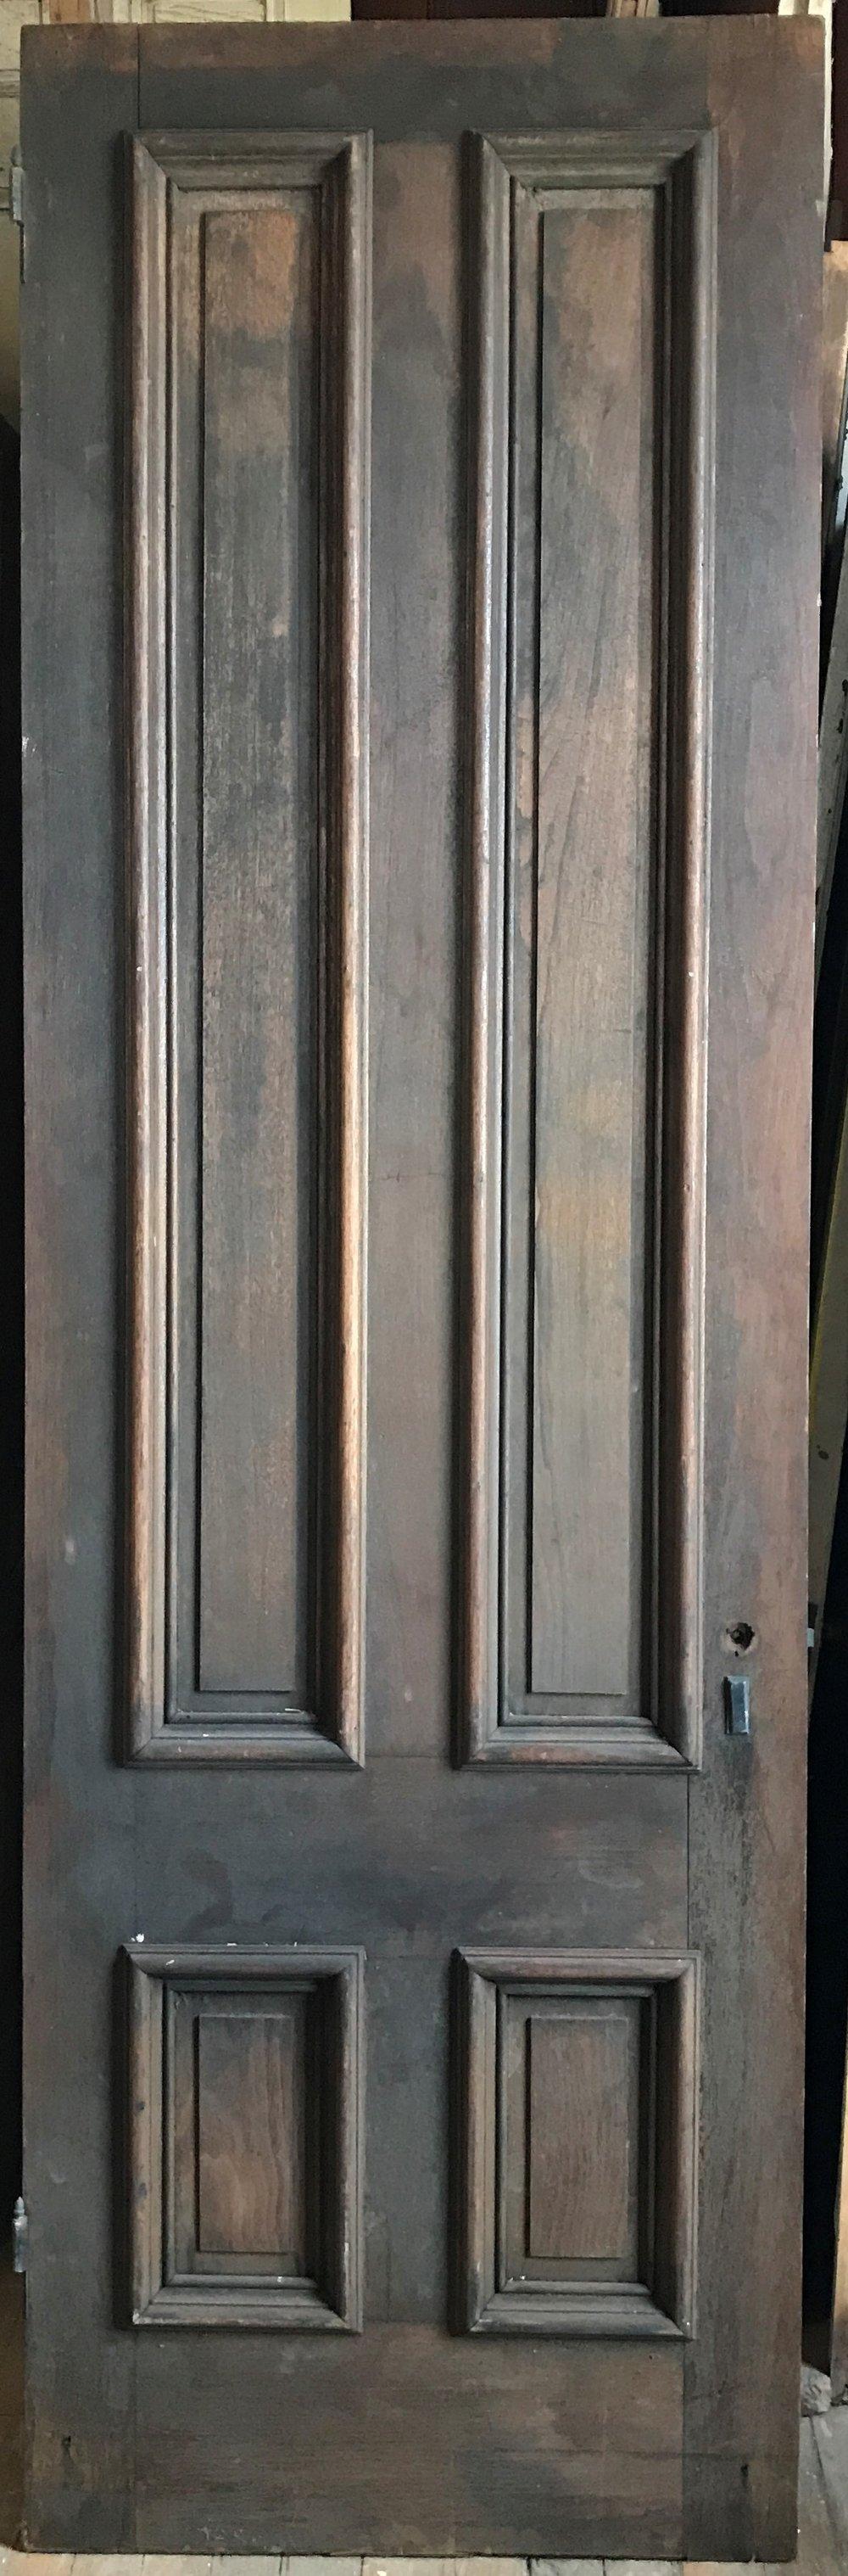 Oversized 4 Panel Antique Interior Door - All Doors — Portland Architectural Salvage